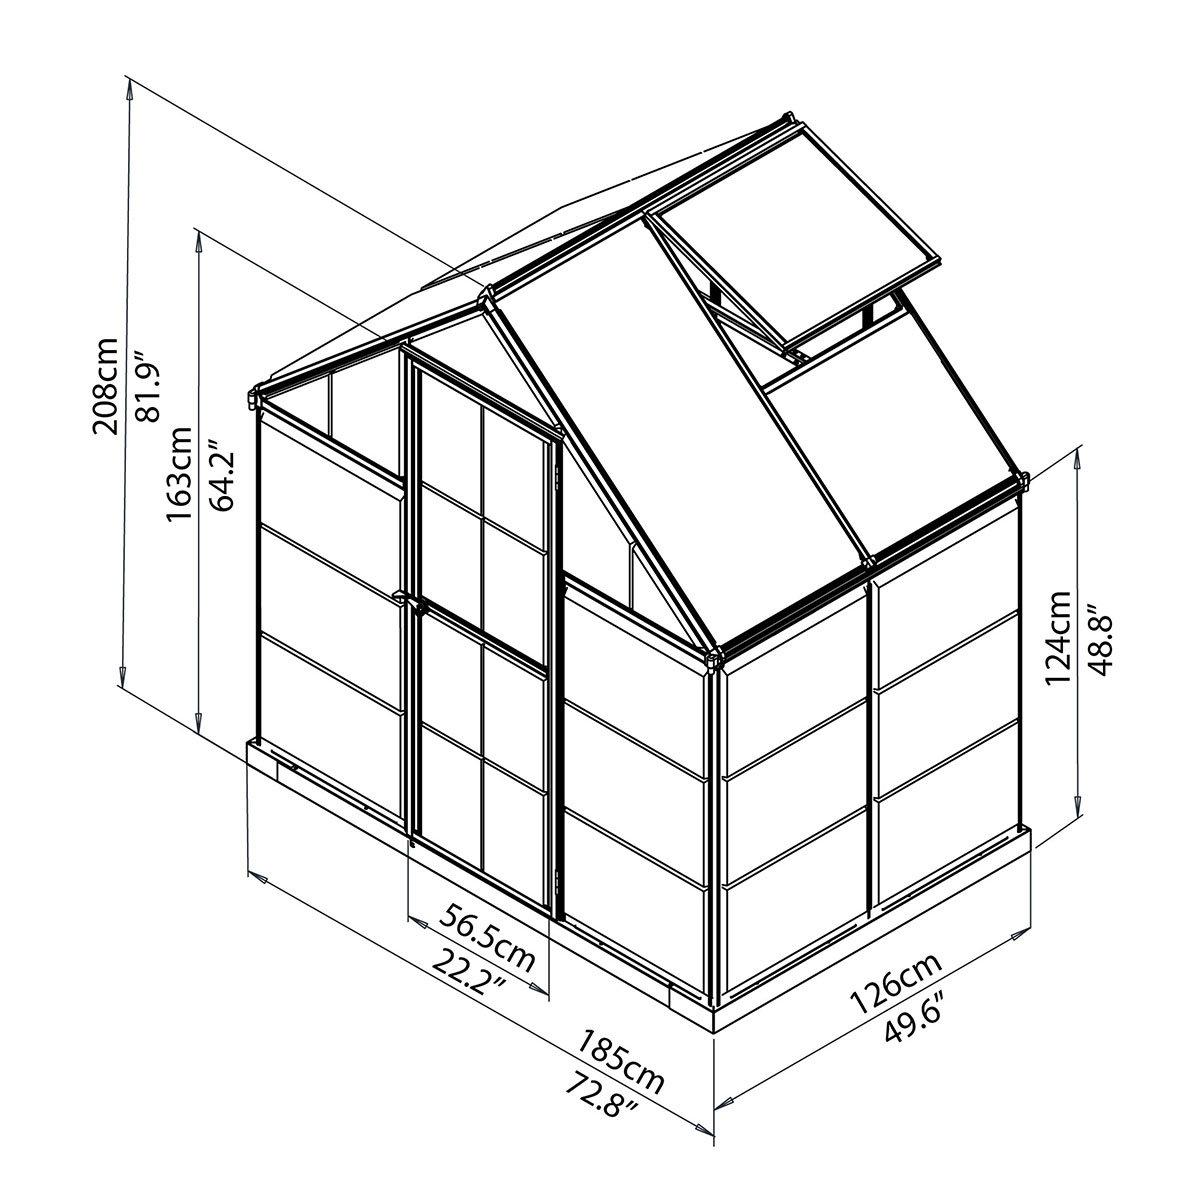 Gewächshaus Silver Line 6 x 4 mit Stahlfundament, 130 x 185 x 208 cm, Aluminium, silber | #11